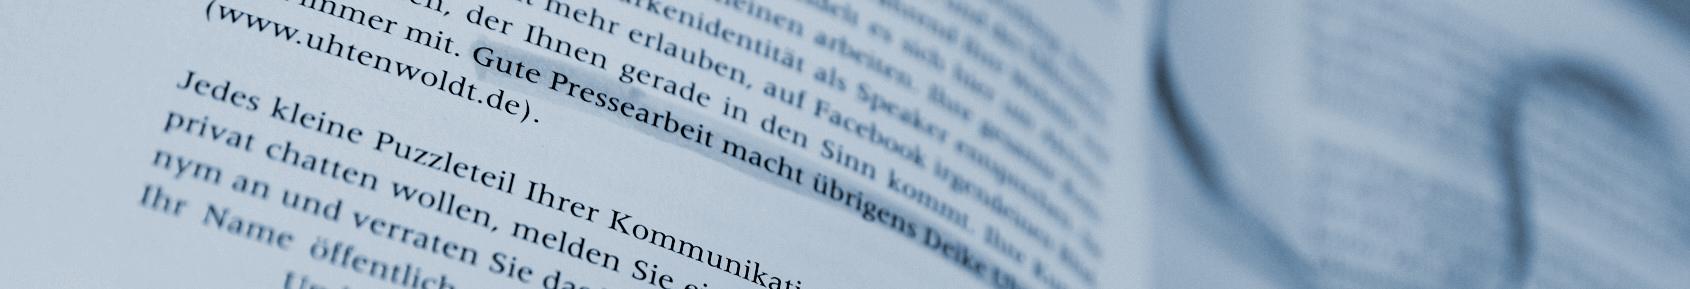 Aus: Hermann Scherer, Der Weg zum Top-Speaker, Seite 72